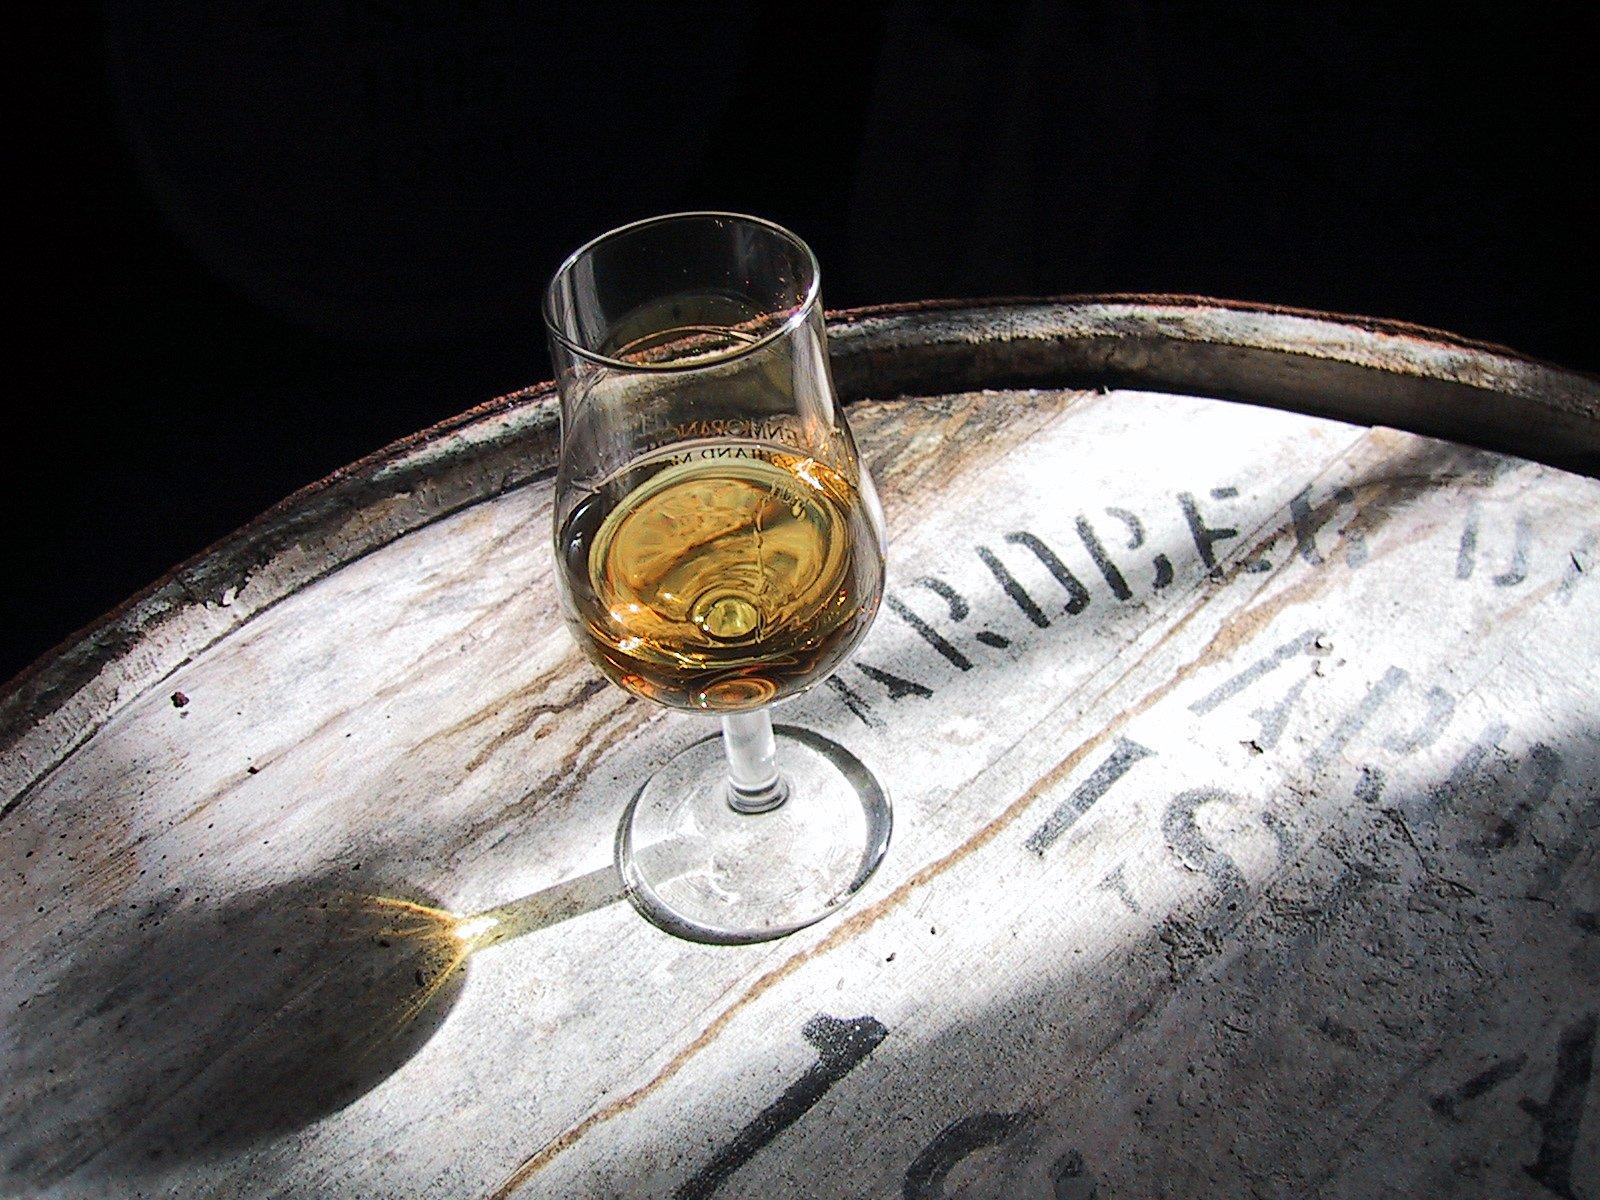 Do we use Whiskey or Whisky?